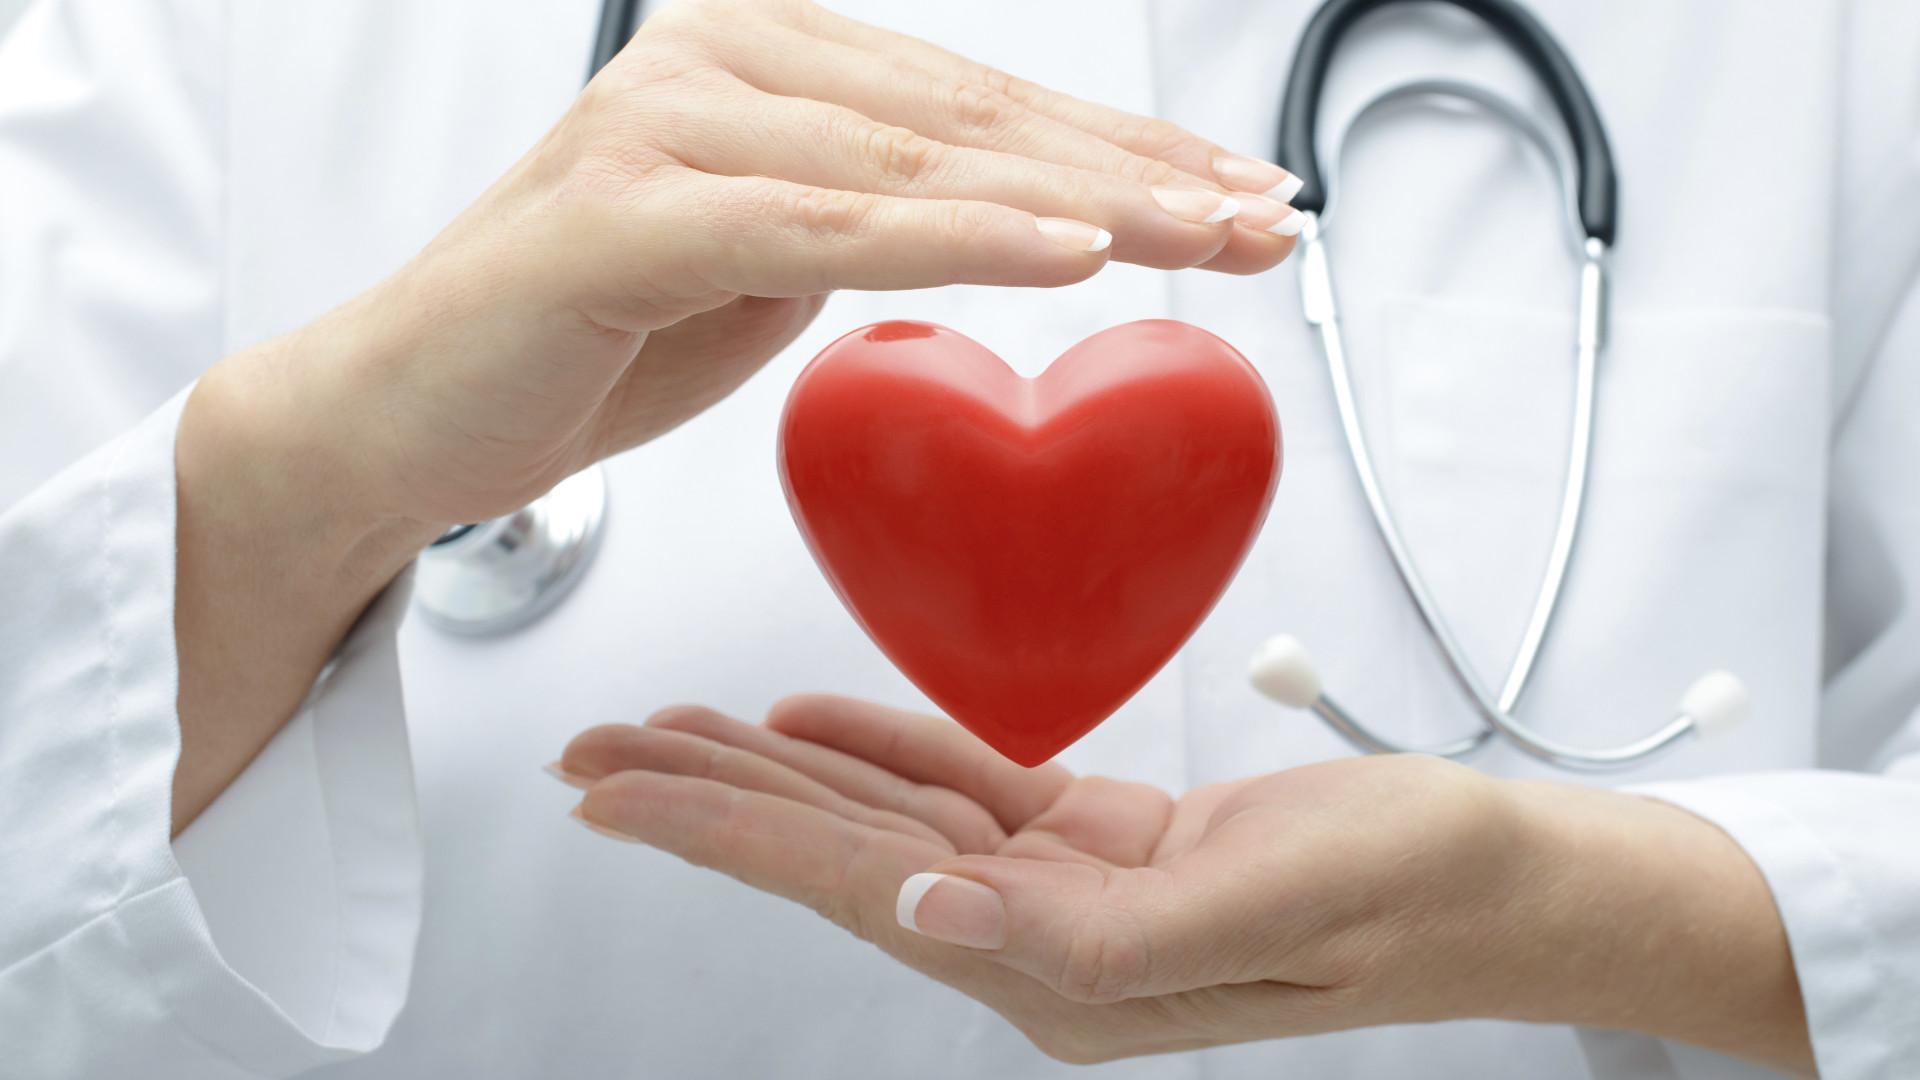 Investigação lusa aponta descoberta de terapias para regenerar o coração